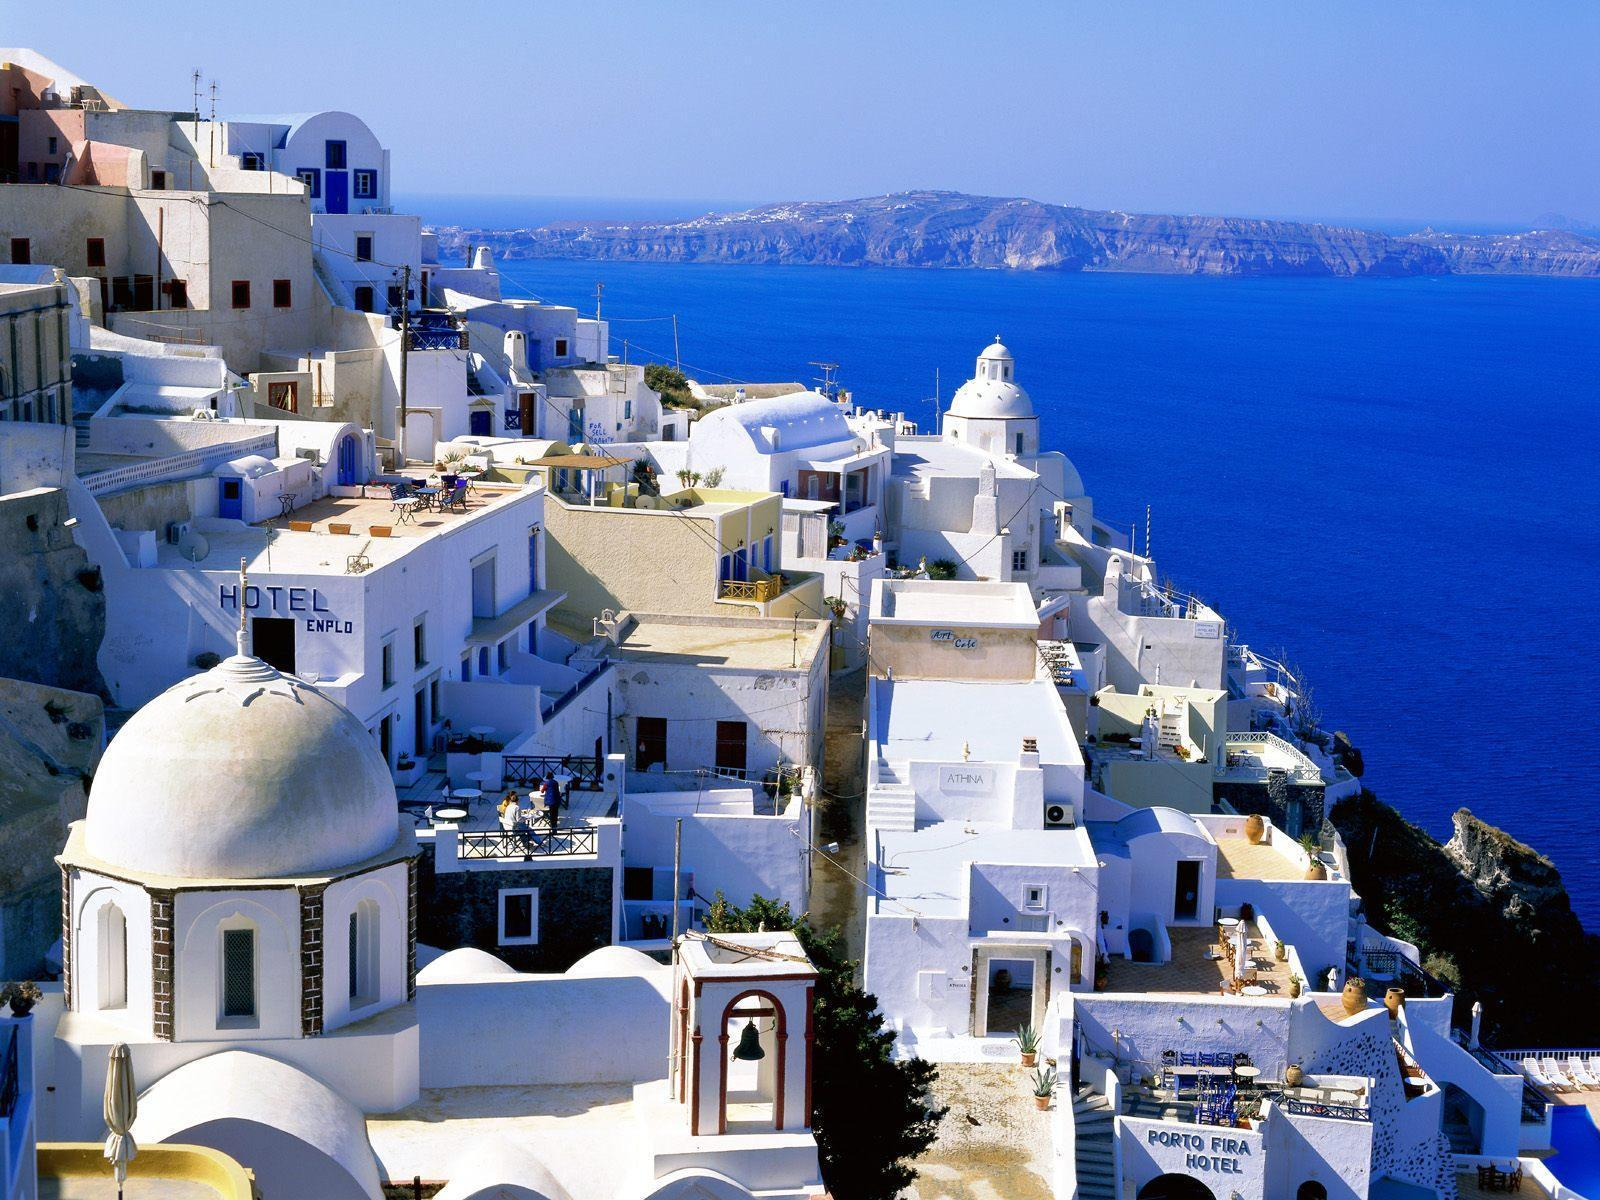 Информатор убитой наМальте журналистки сдалась греческой милиции